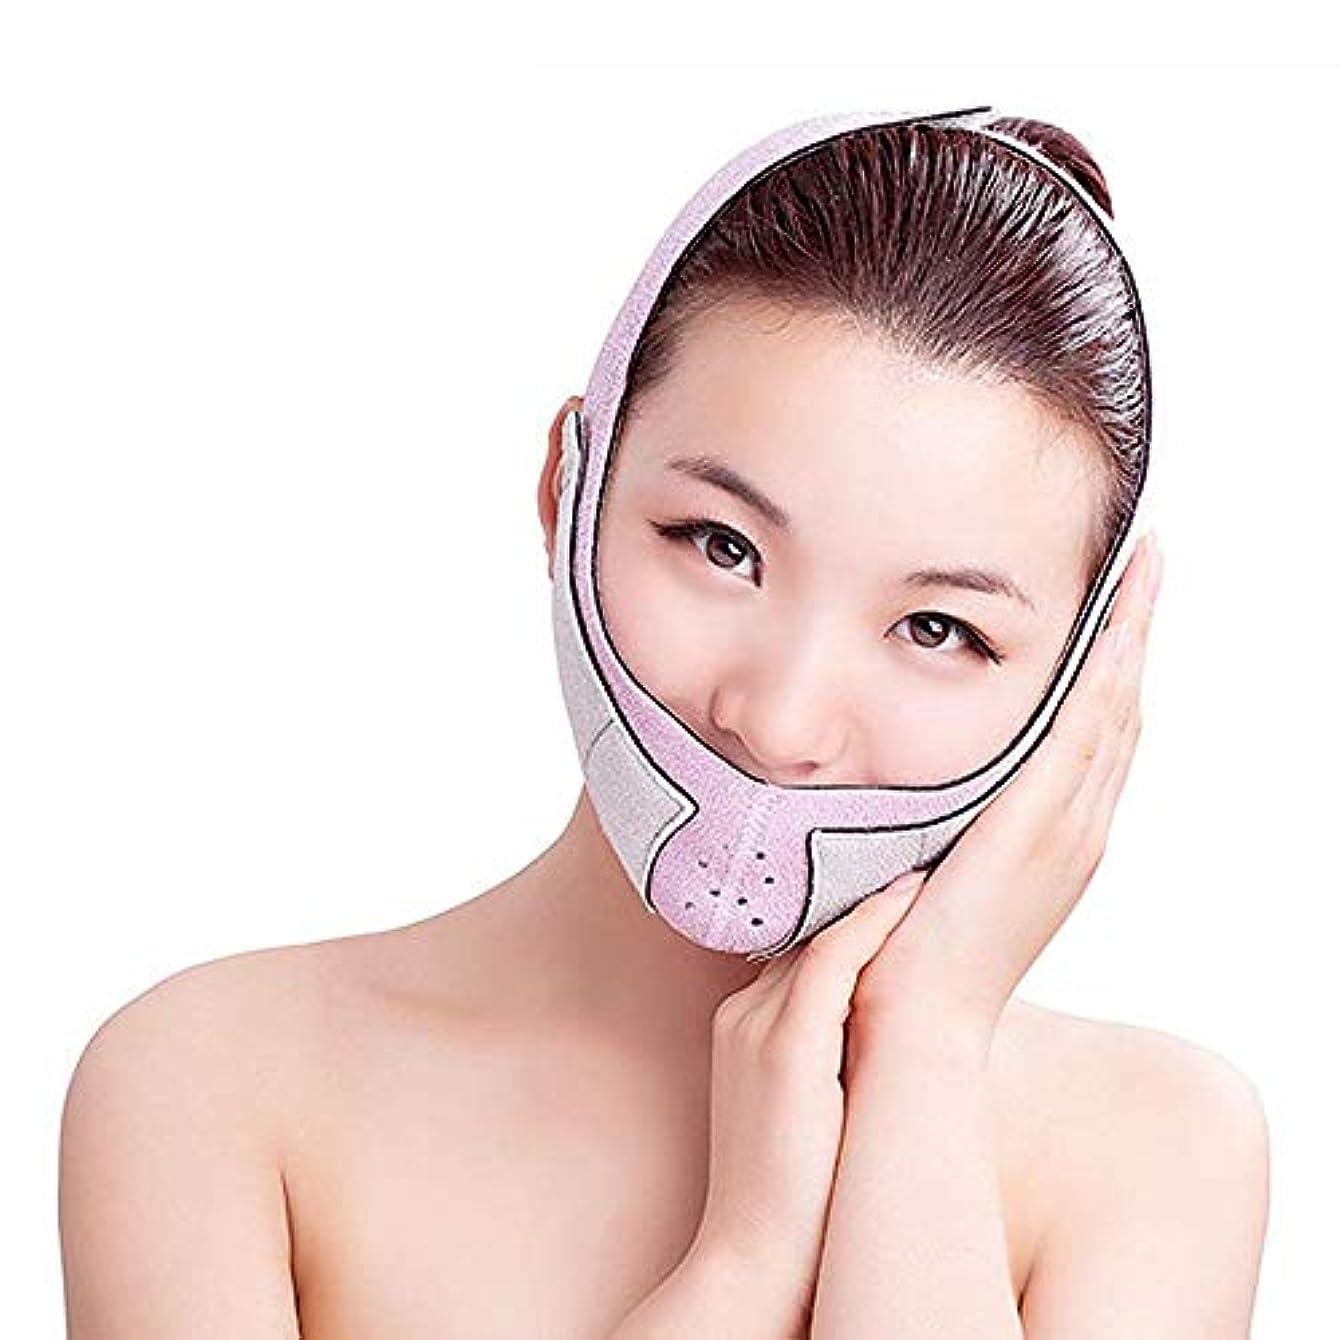 白菜強化暖かく薄い顔ベルト薄い顔ベルト通気性の補正3D薄い顔V顔ベルト包帯薄い顔アーティファクト (色 : B)